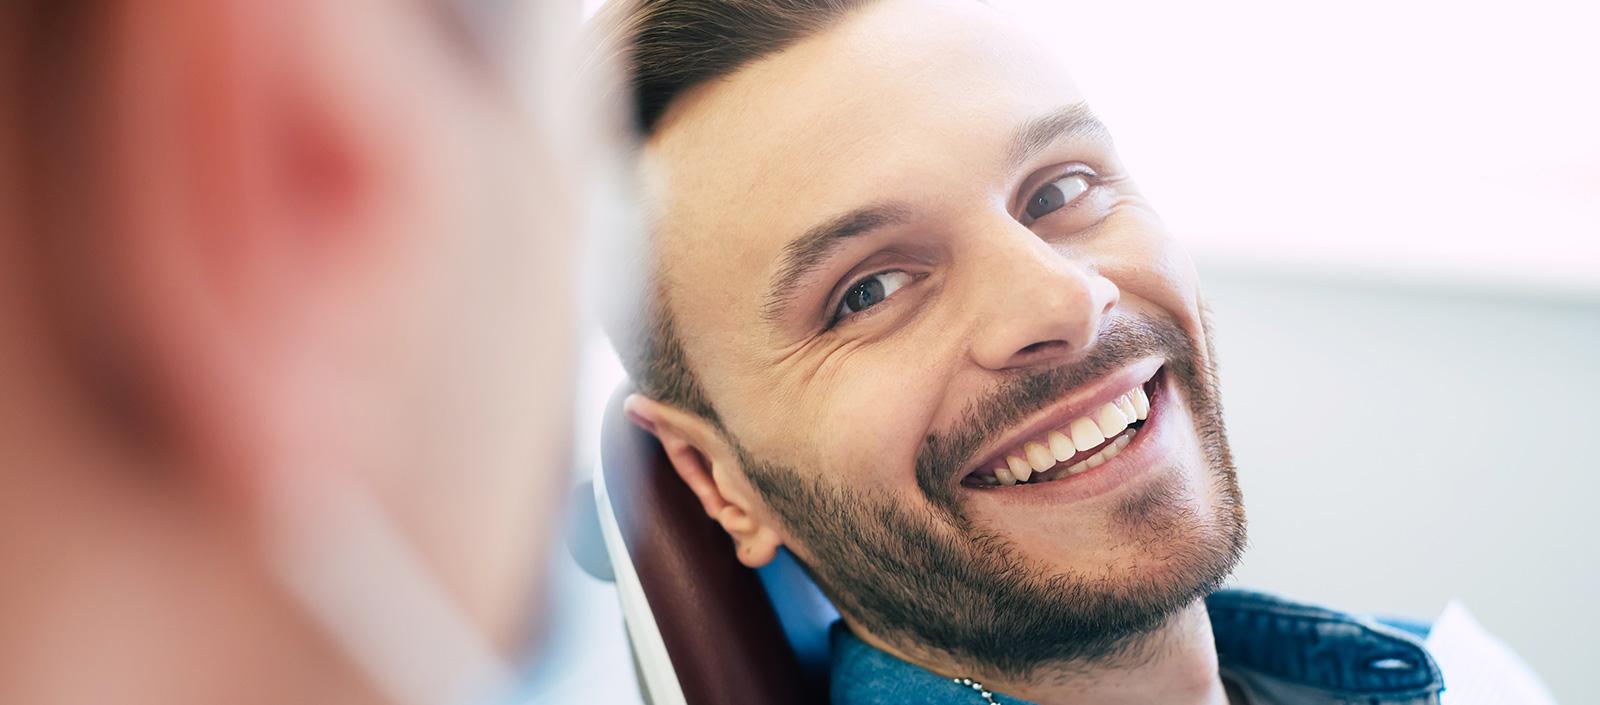 Lachgas-beim-Zahnarzt